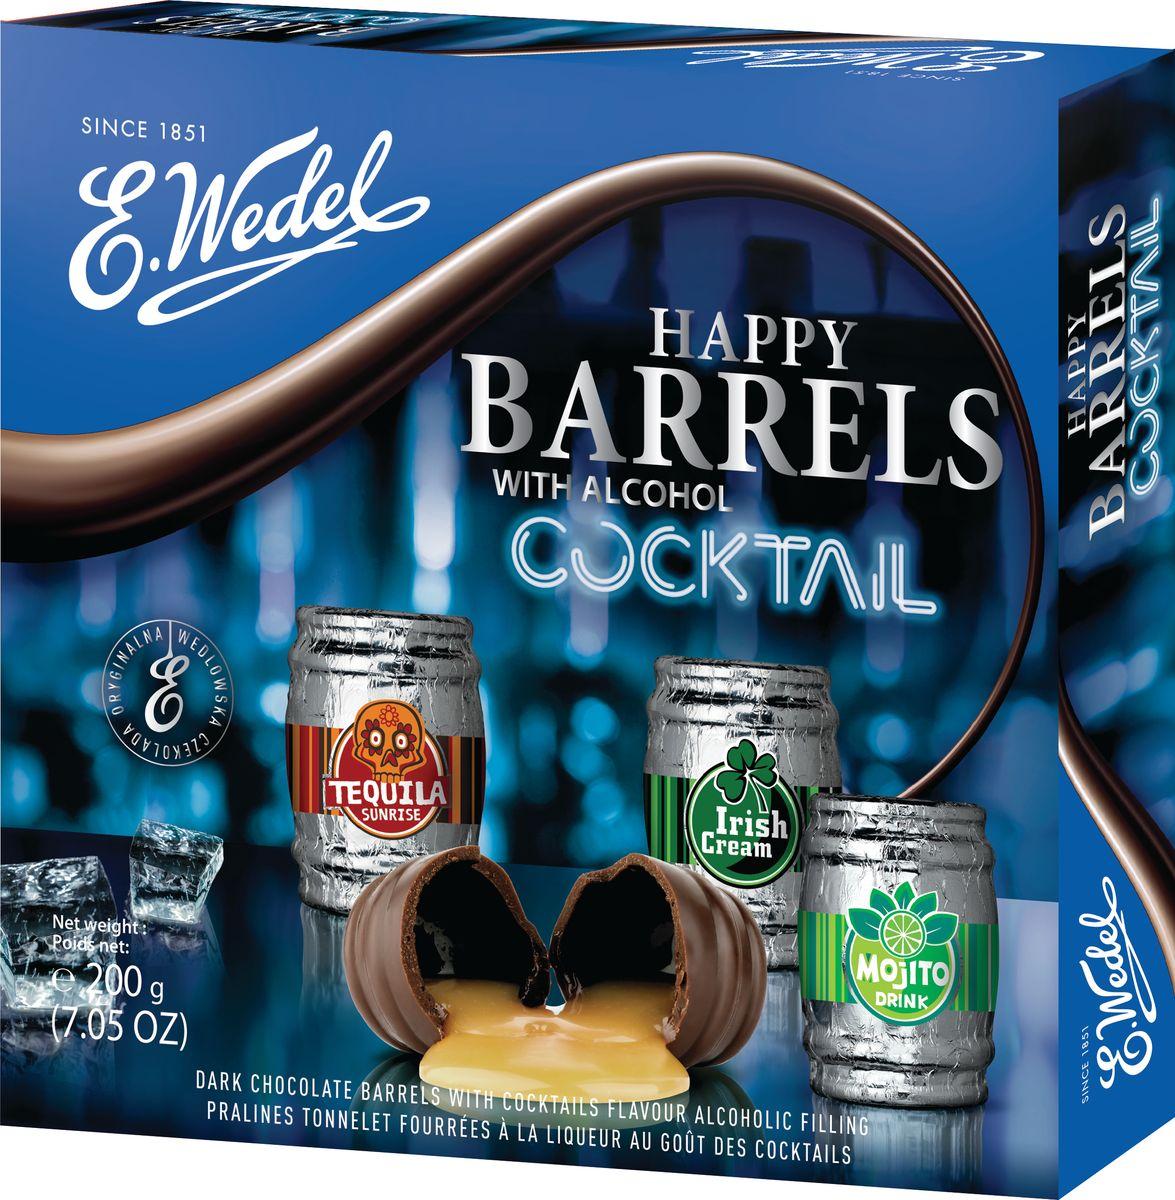 E.Wedel Happy Barrels With Alcohol ассорти шоколадных конфет с коктейльными начинкой, 200 г chokocat с днем рождения темный шоколад 85 г